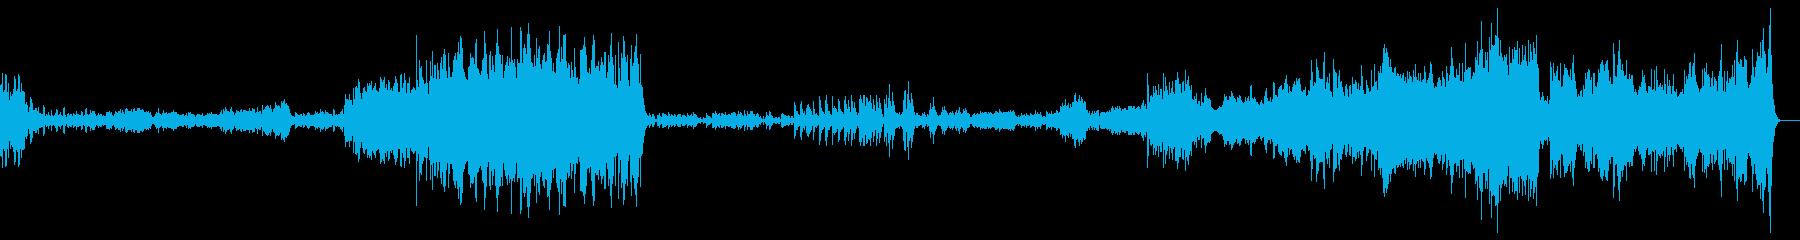 軽快さと不気味さを持ったクラシック音楽の再生済みの波形